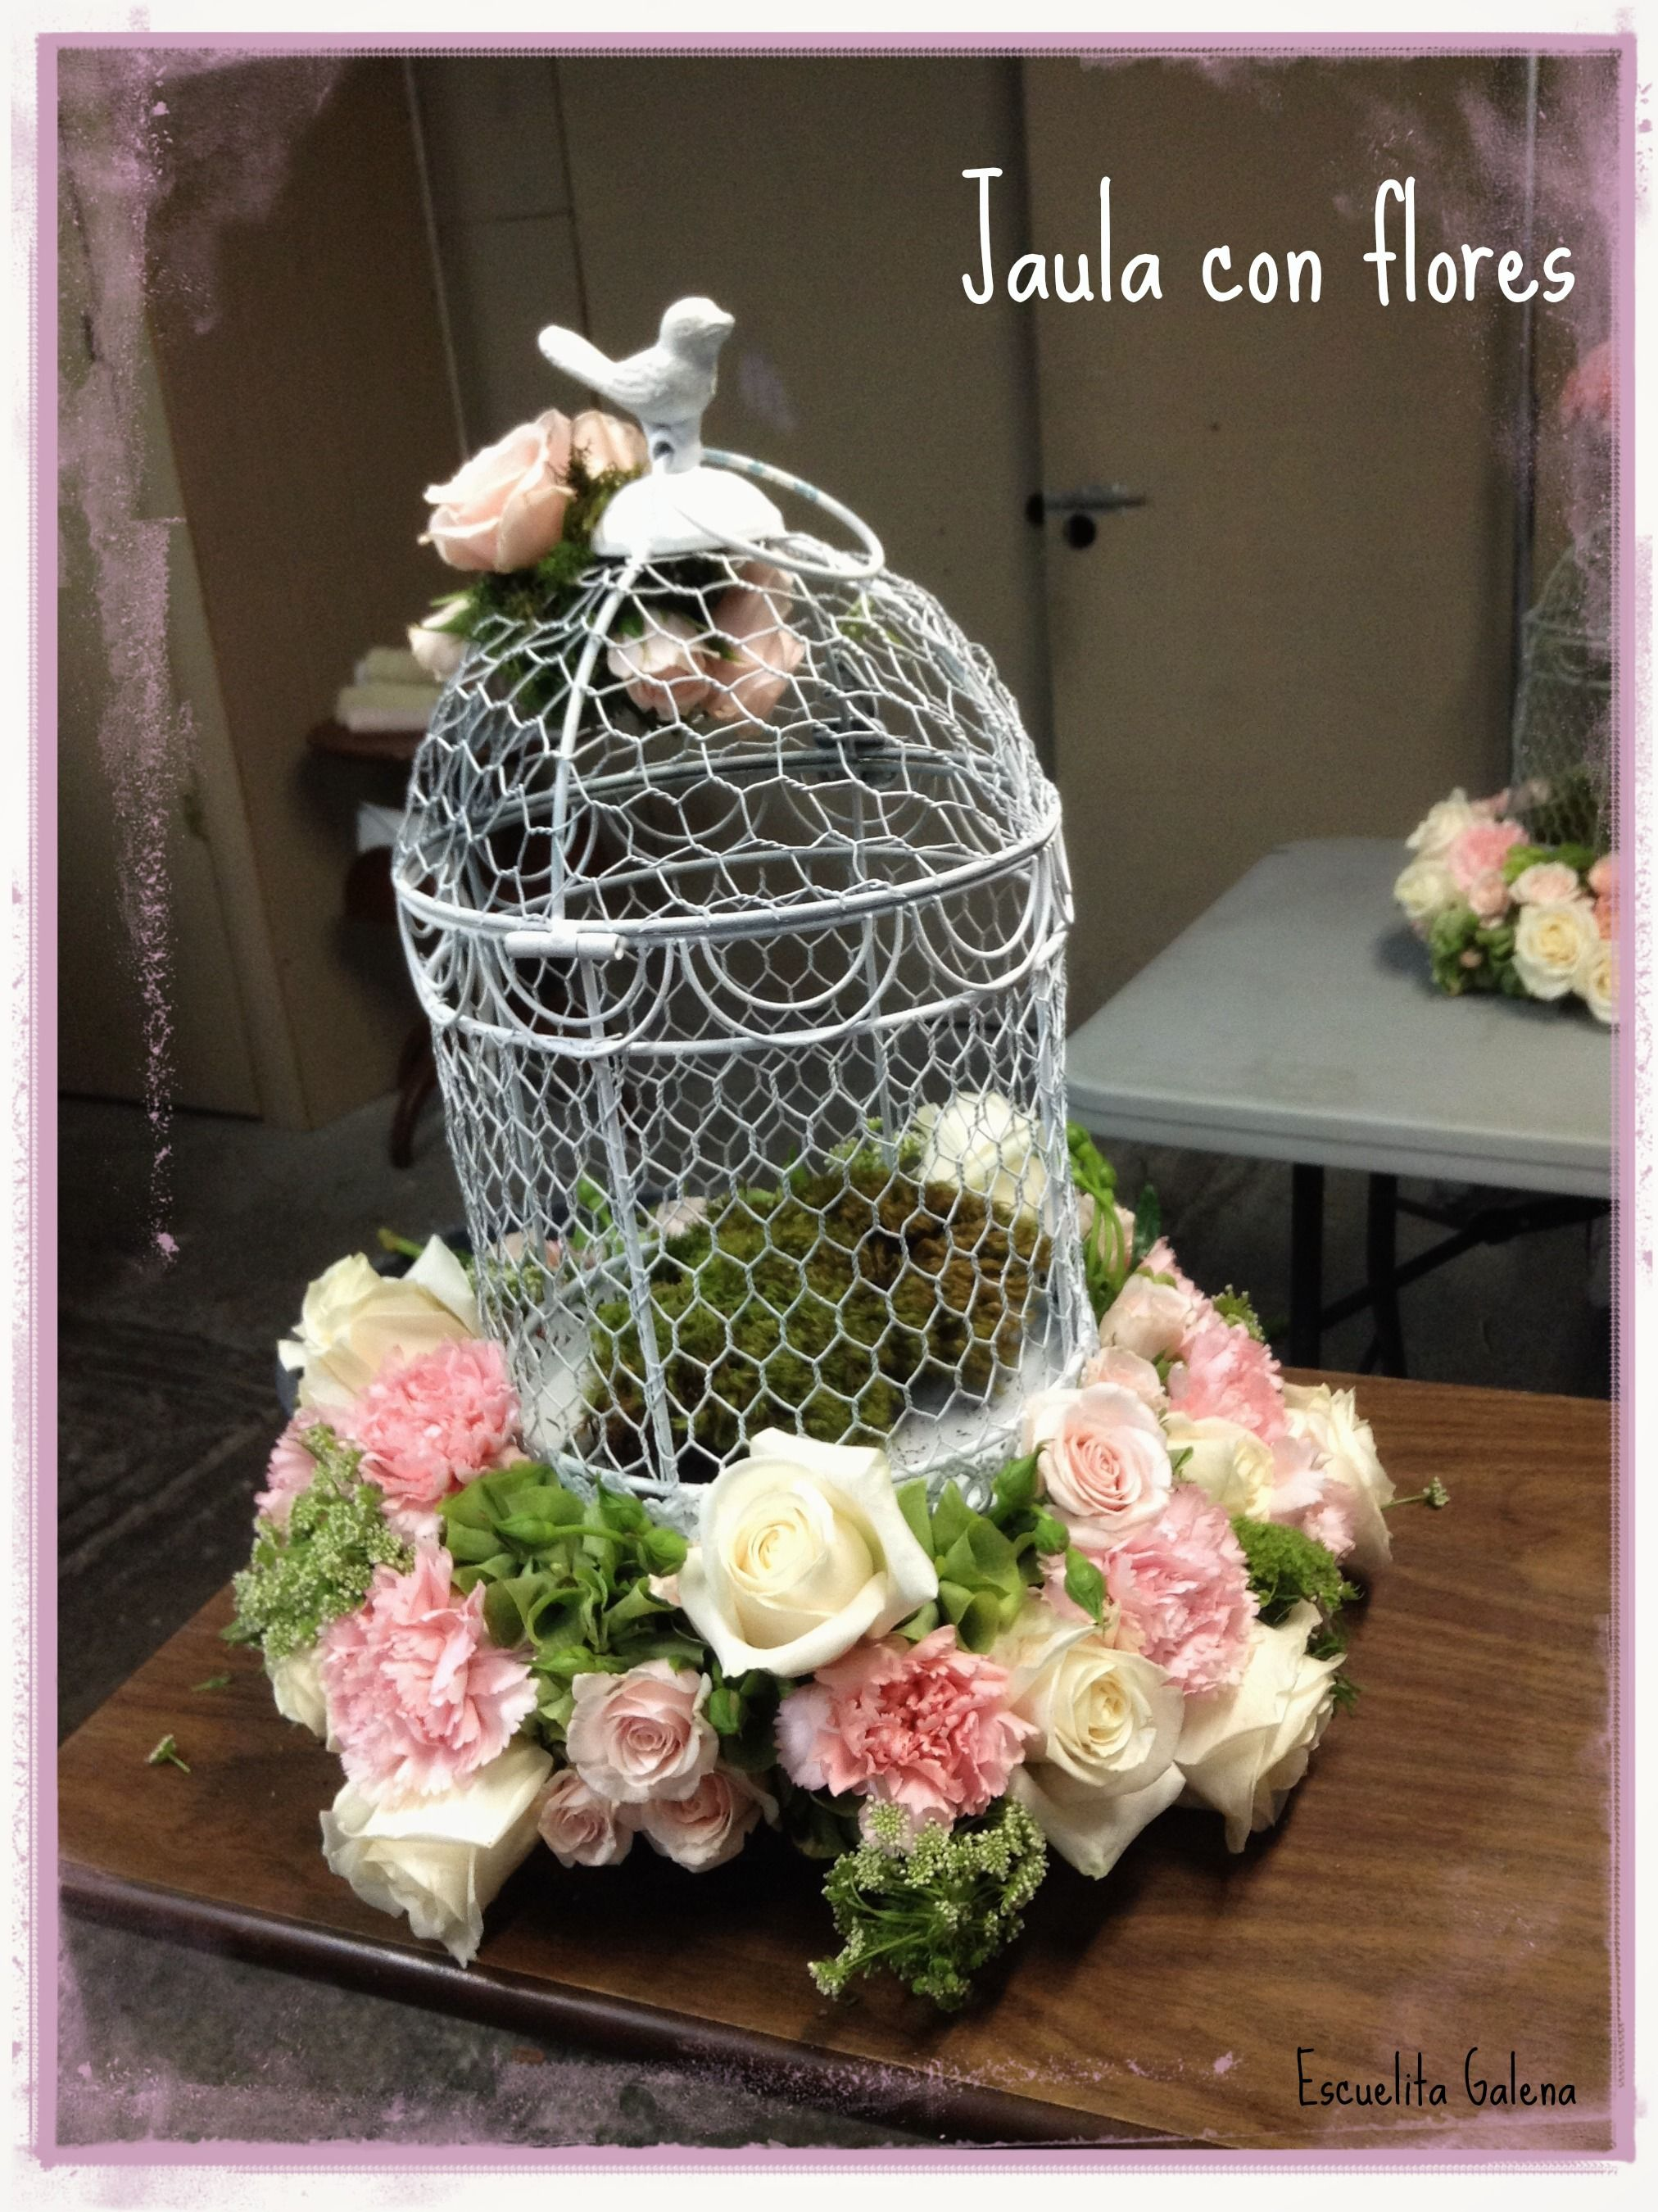 Jaula con flores arreglos florales pinterest jaulas for Decoracion con jaulas